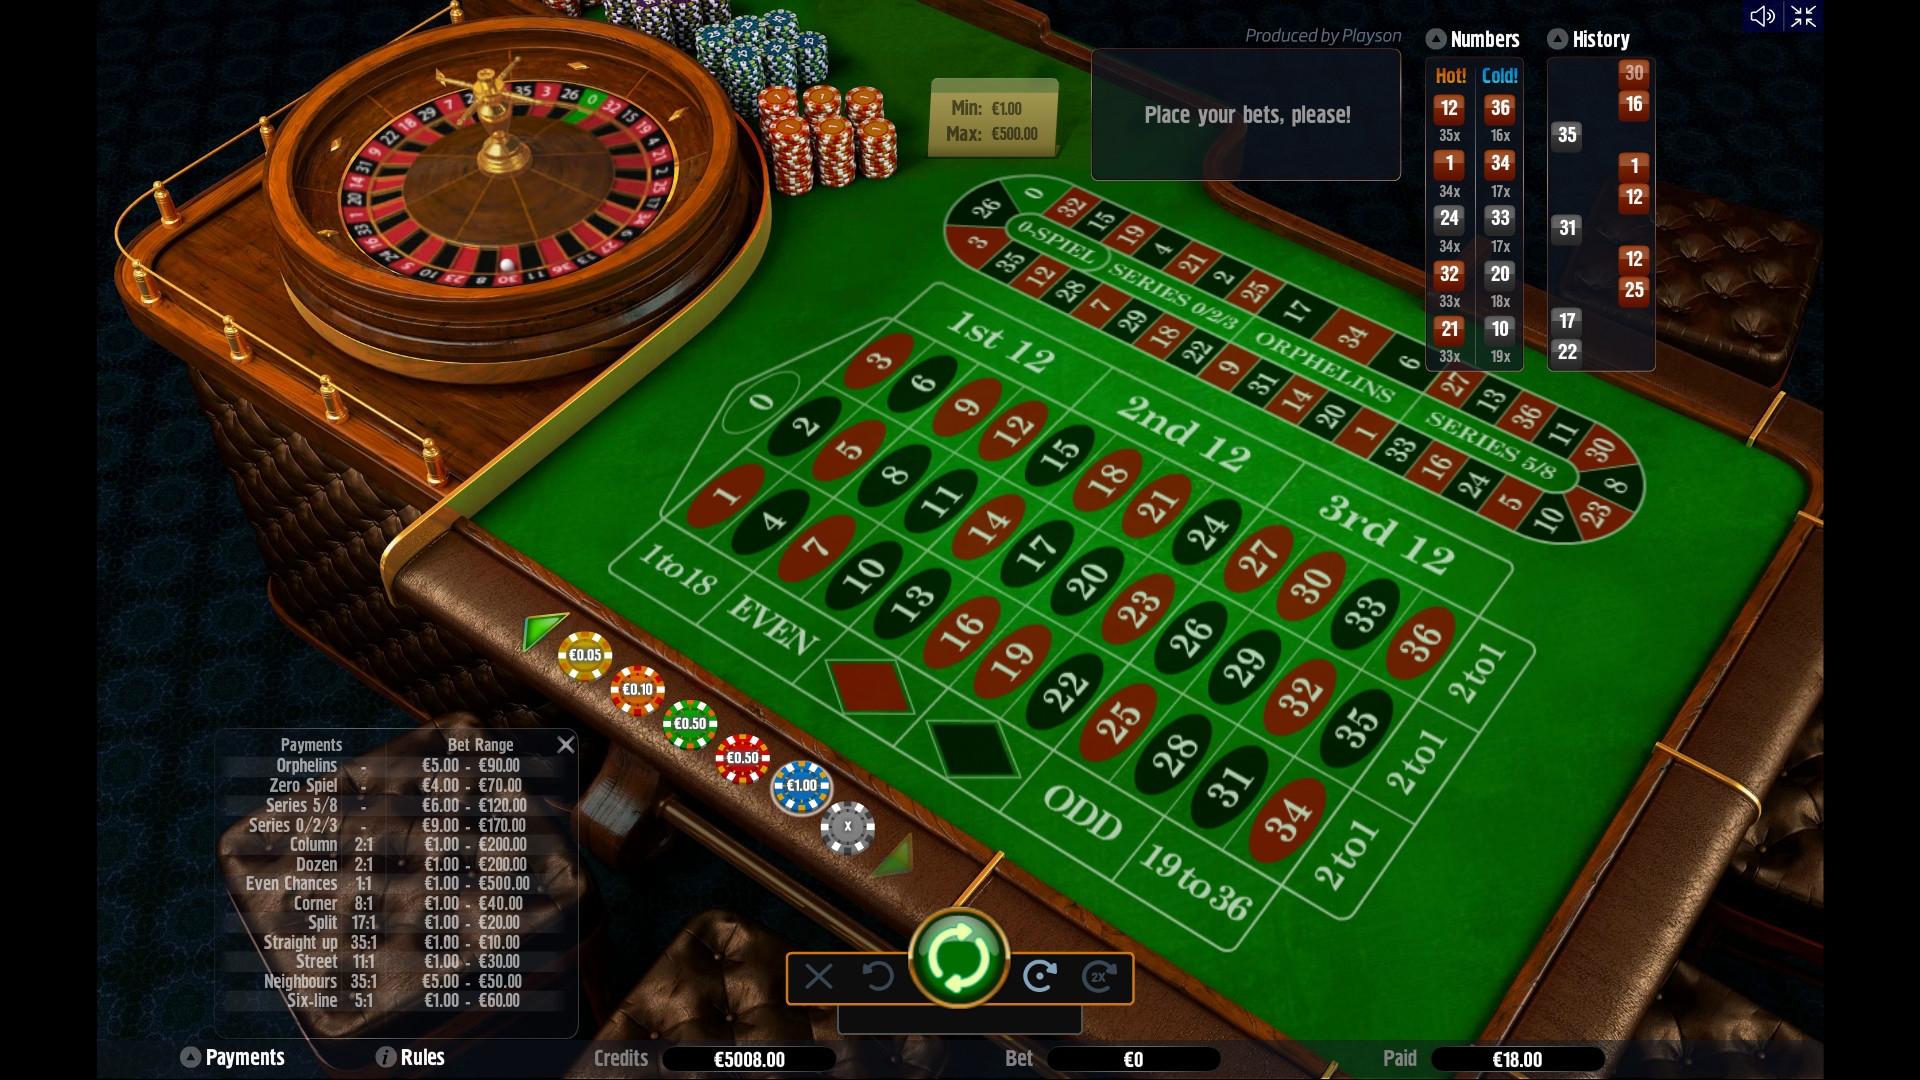 Европейская рулетка стратегии казино на плаву в майами